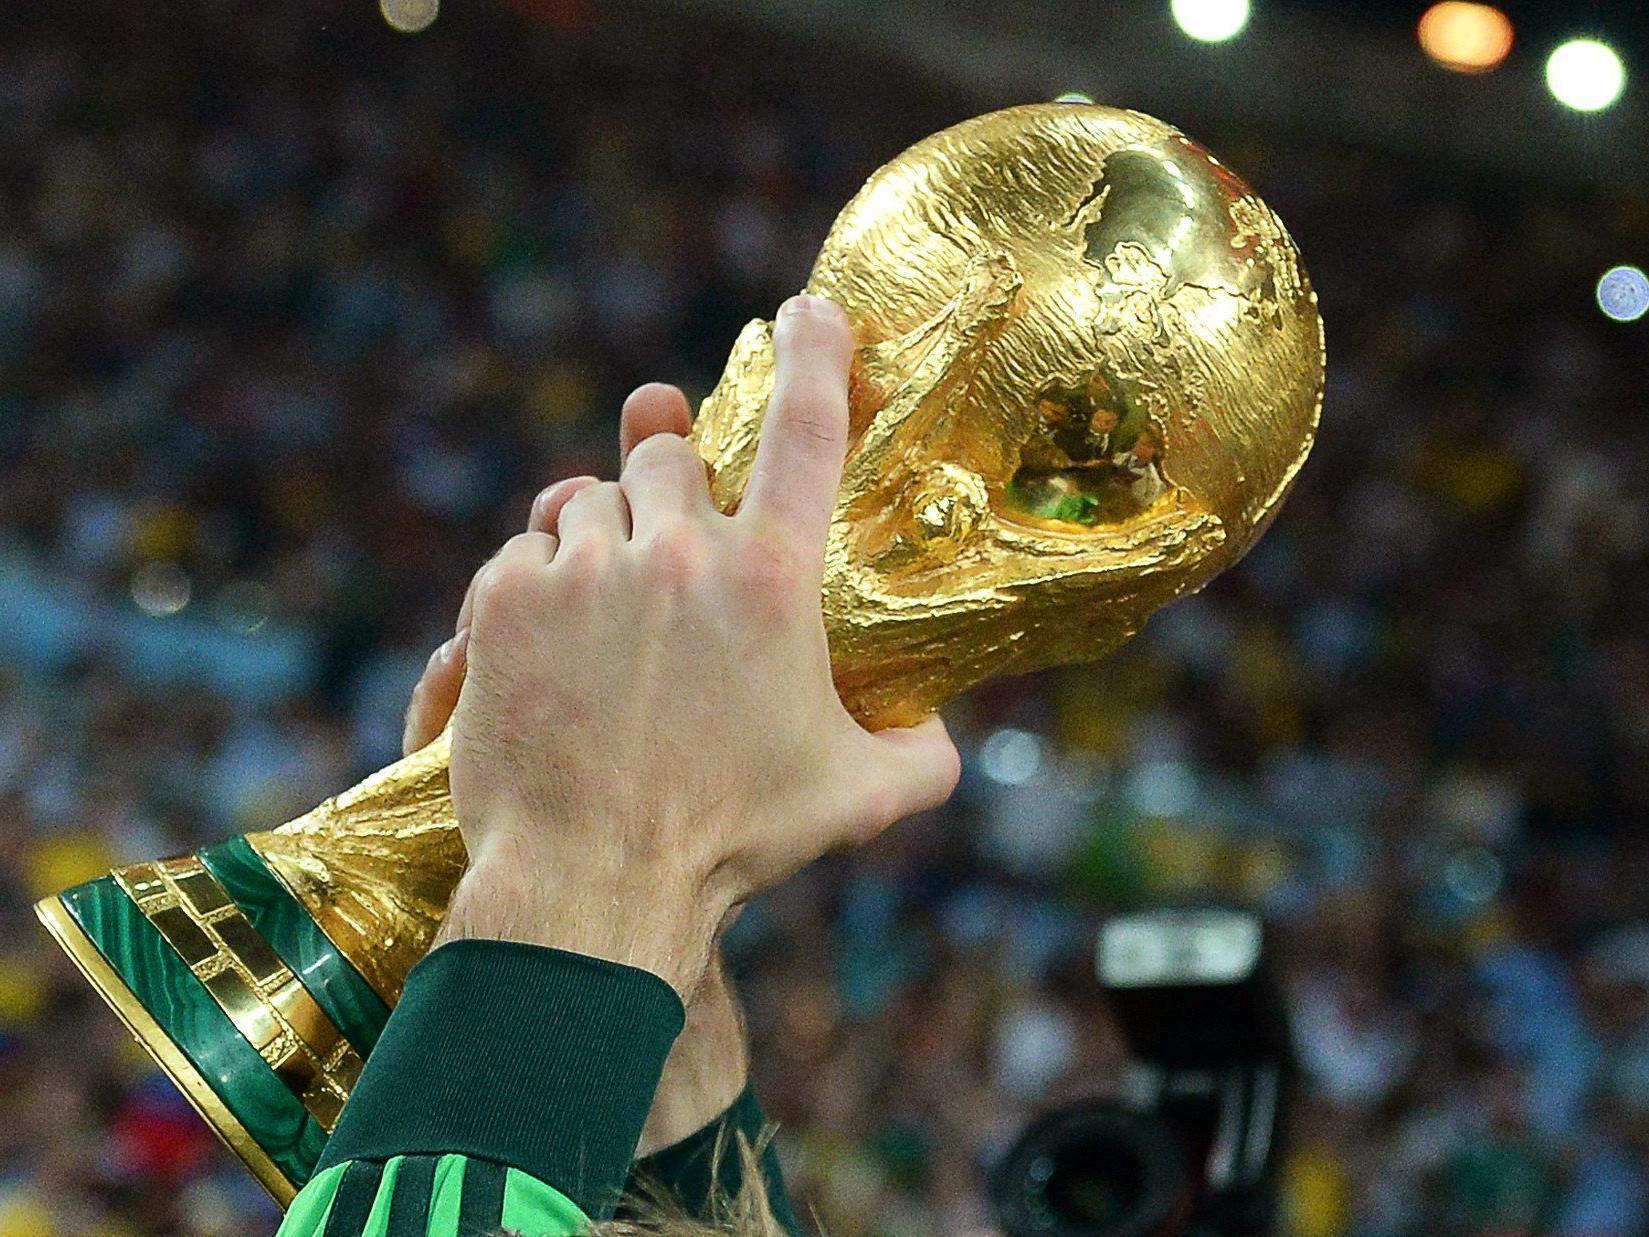 Wie die WM hat auch das WM-Tippspiel einen Sieger gefunden.